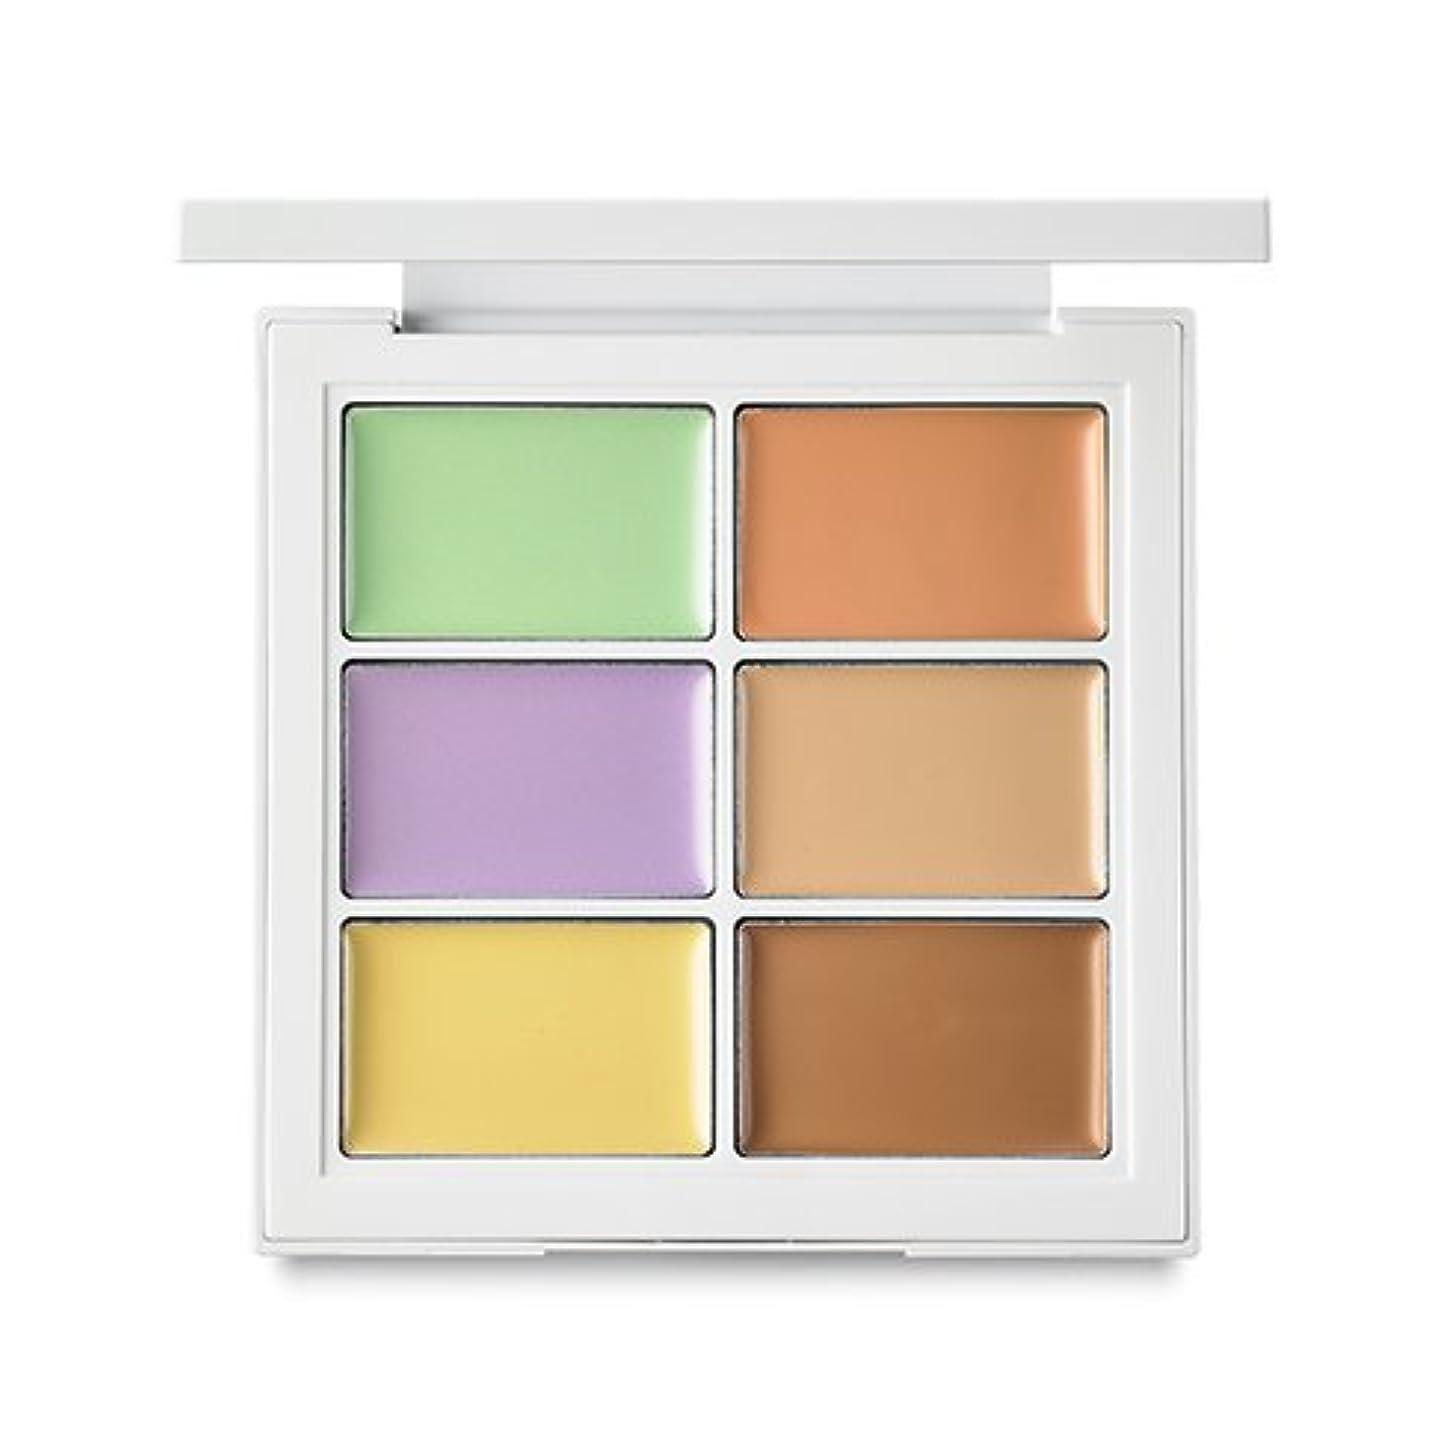 すべき受付文言BANILA CO It Radiant CC Color Palette 8.5g/バニラコ イット ラディアント CC カラー パレット 8.5g (#Warm Tone) [並行輸入品]